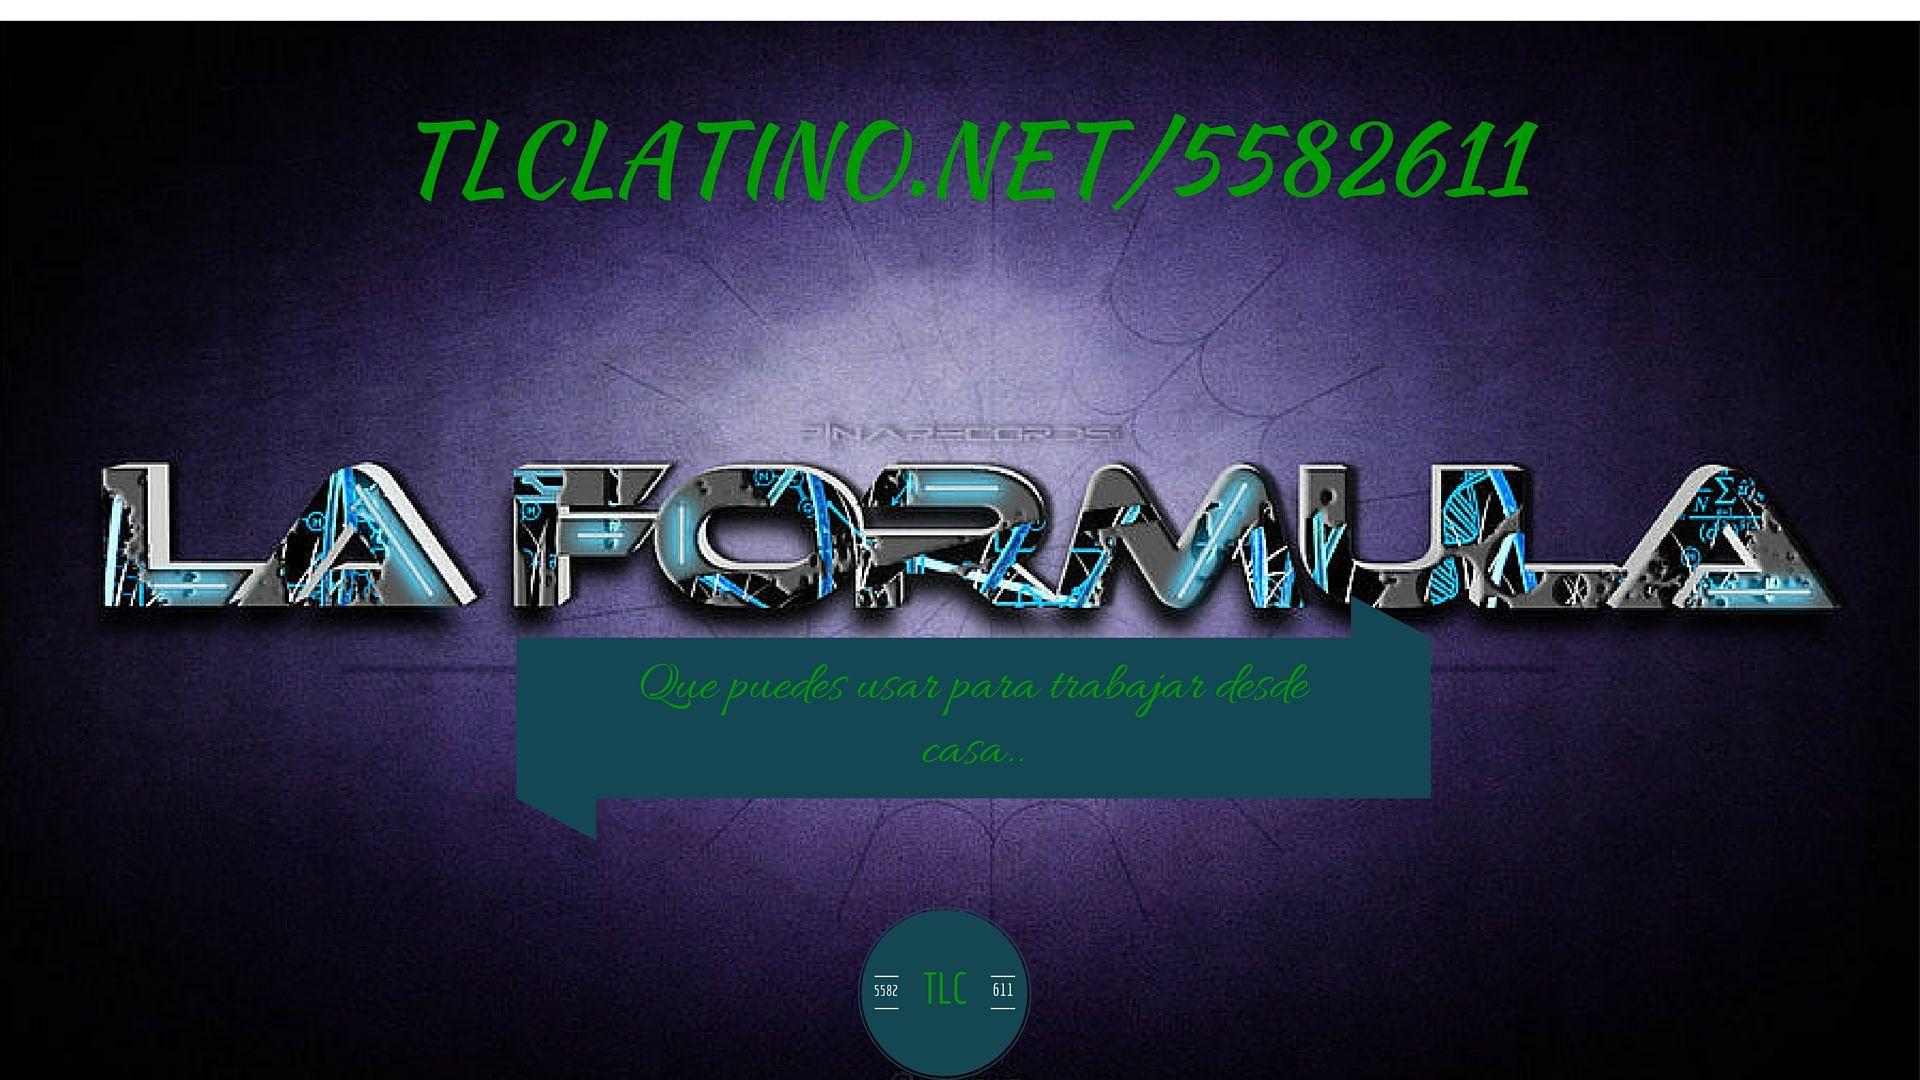 La formula que puedes usar para tener ingresos por internet haciendo lo que ya haces.. tlclatino.net/5582611